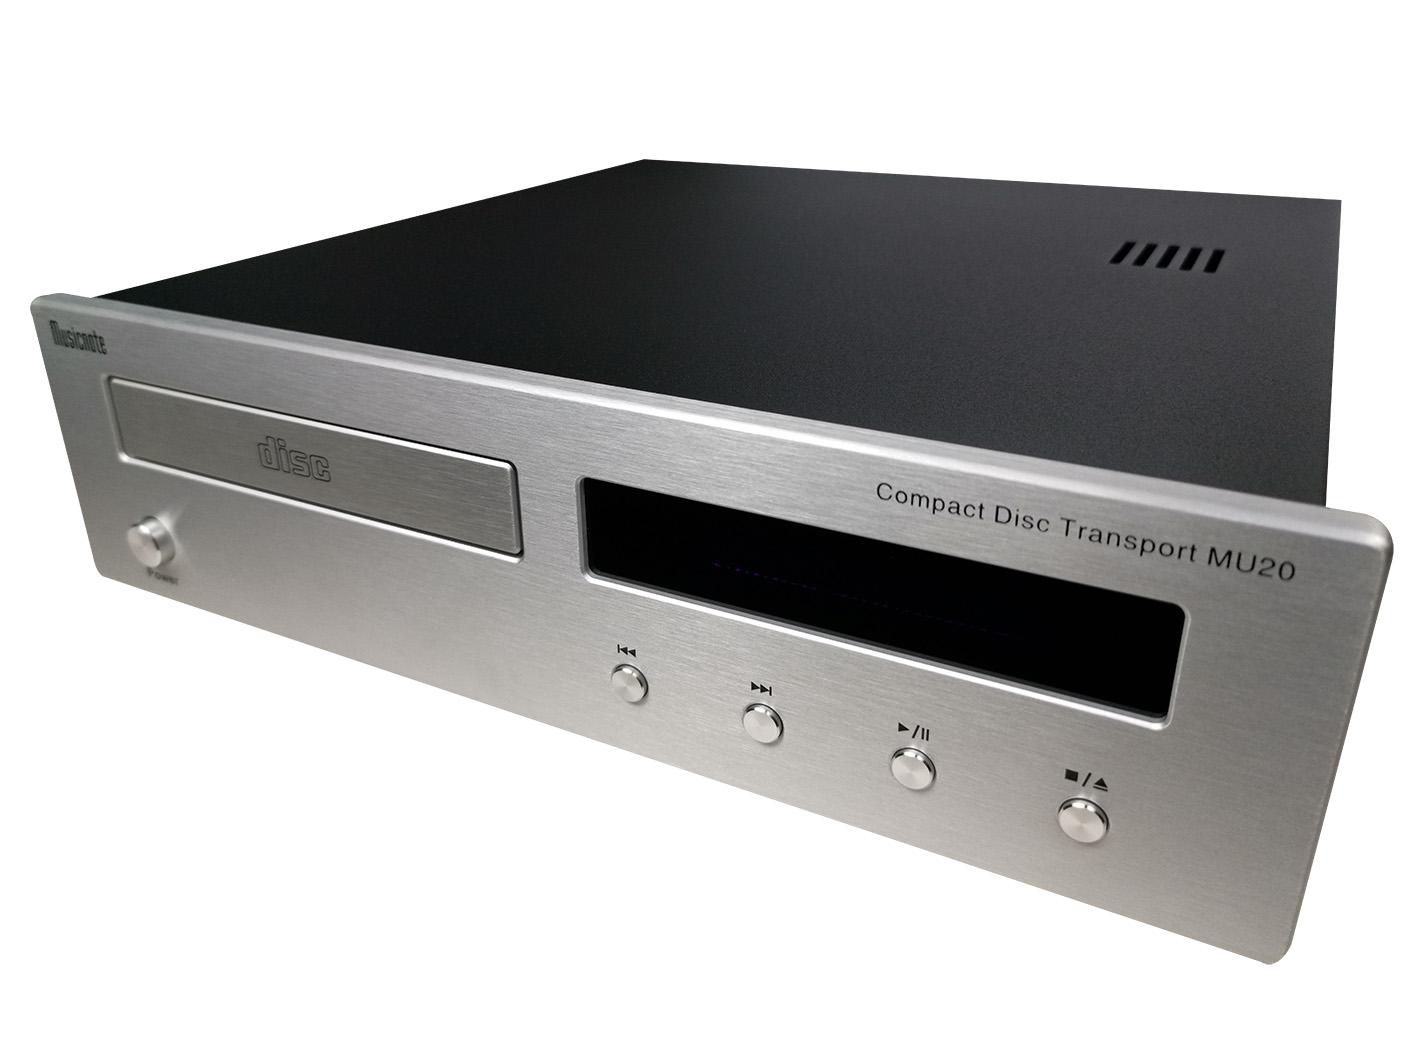 纯音MU20专业CD转盘机 家用CD纯转盘 高保真HIFI发烧CD播放纯转盘